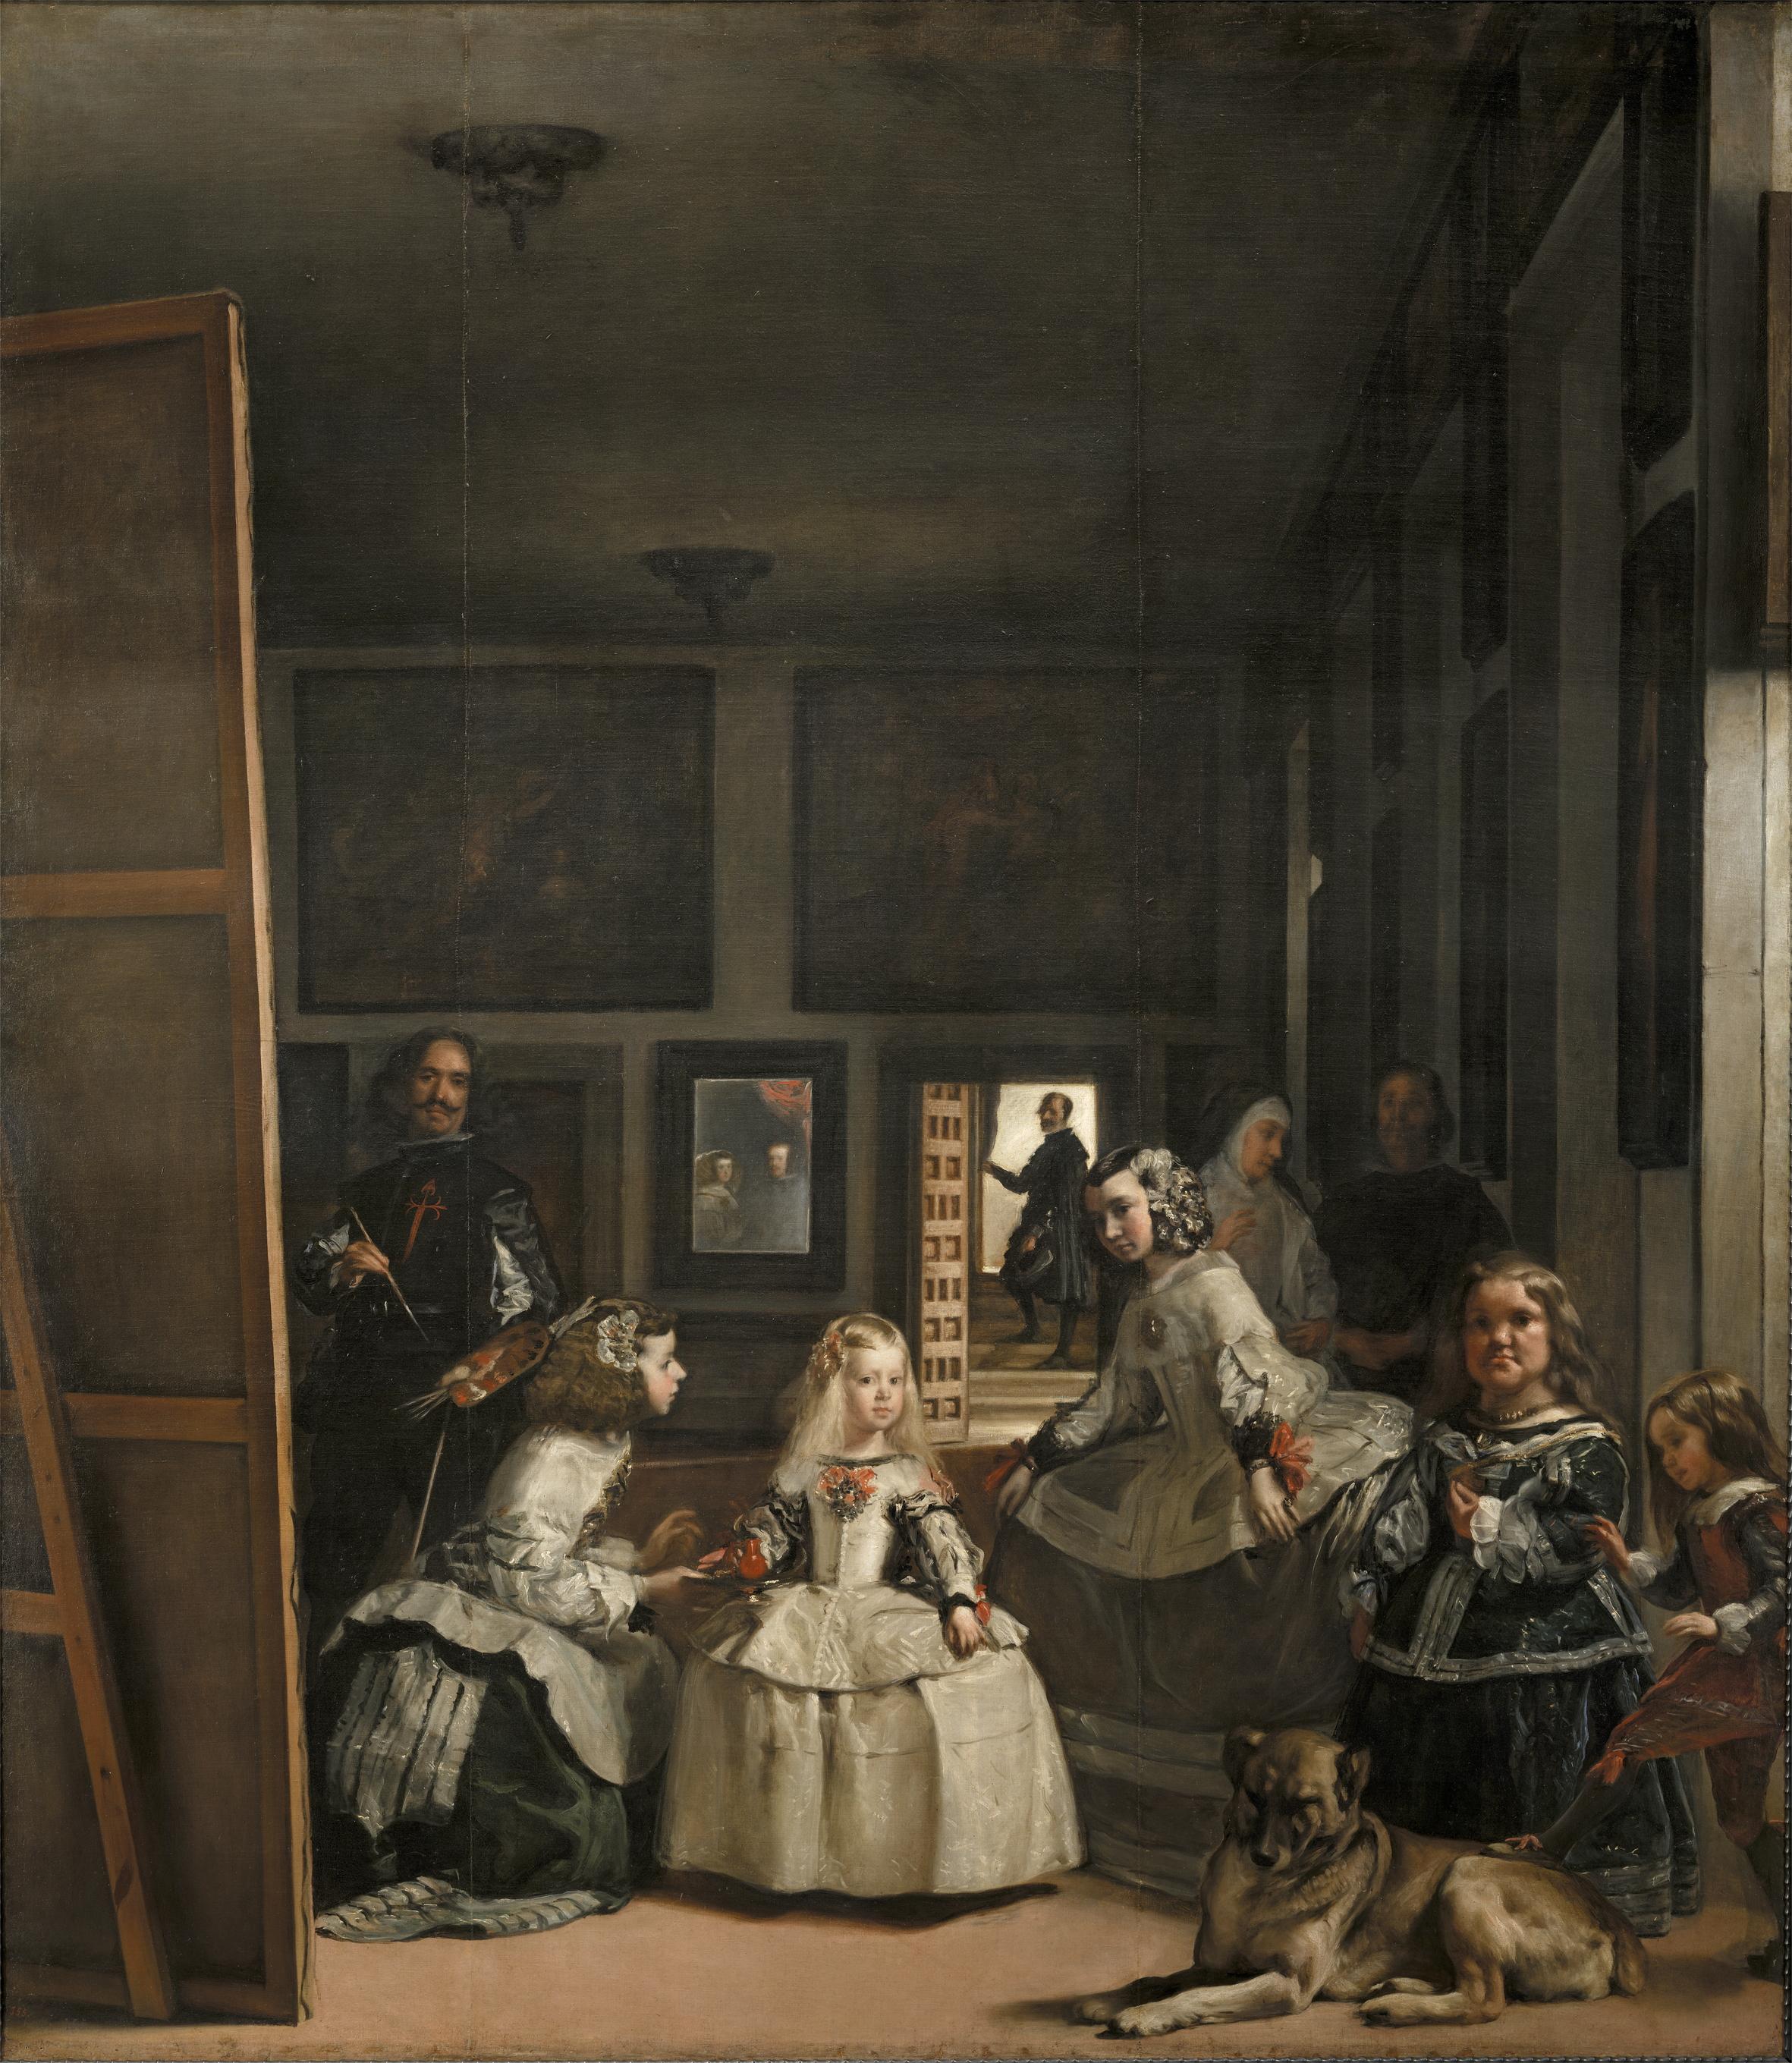 Las Meninas by Diego Velázquez (1656)